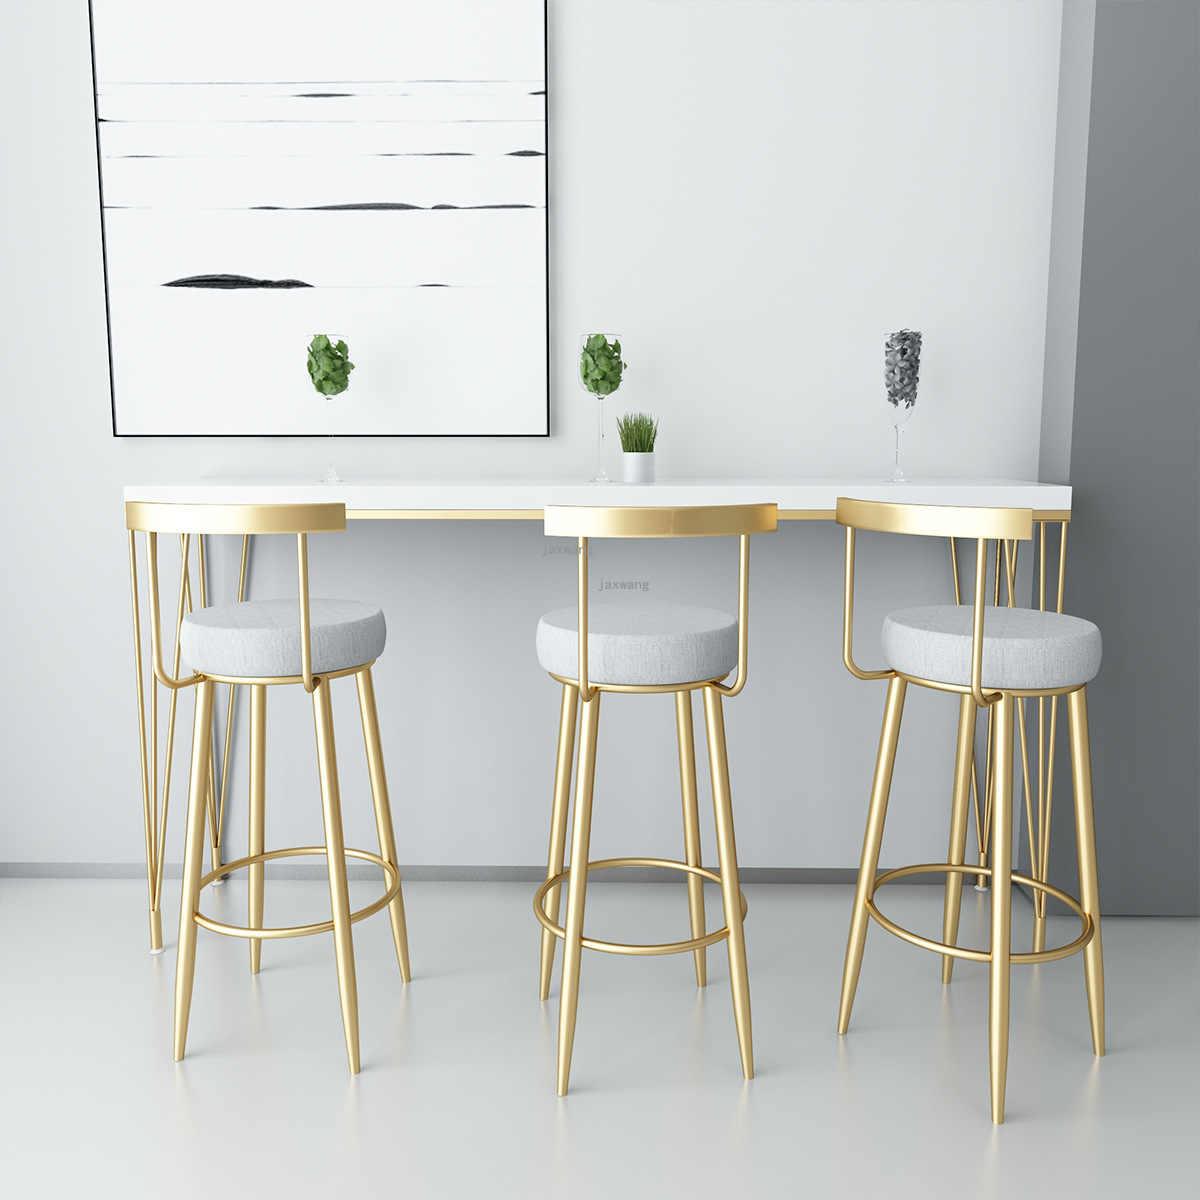 Nordic Simple Golden Bar Stool Chair Backrest High Stool Modern Bar Stool Front Restaurant Lounge Chair Aliexpress